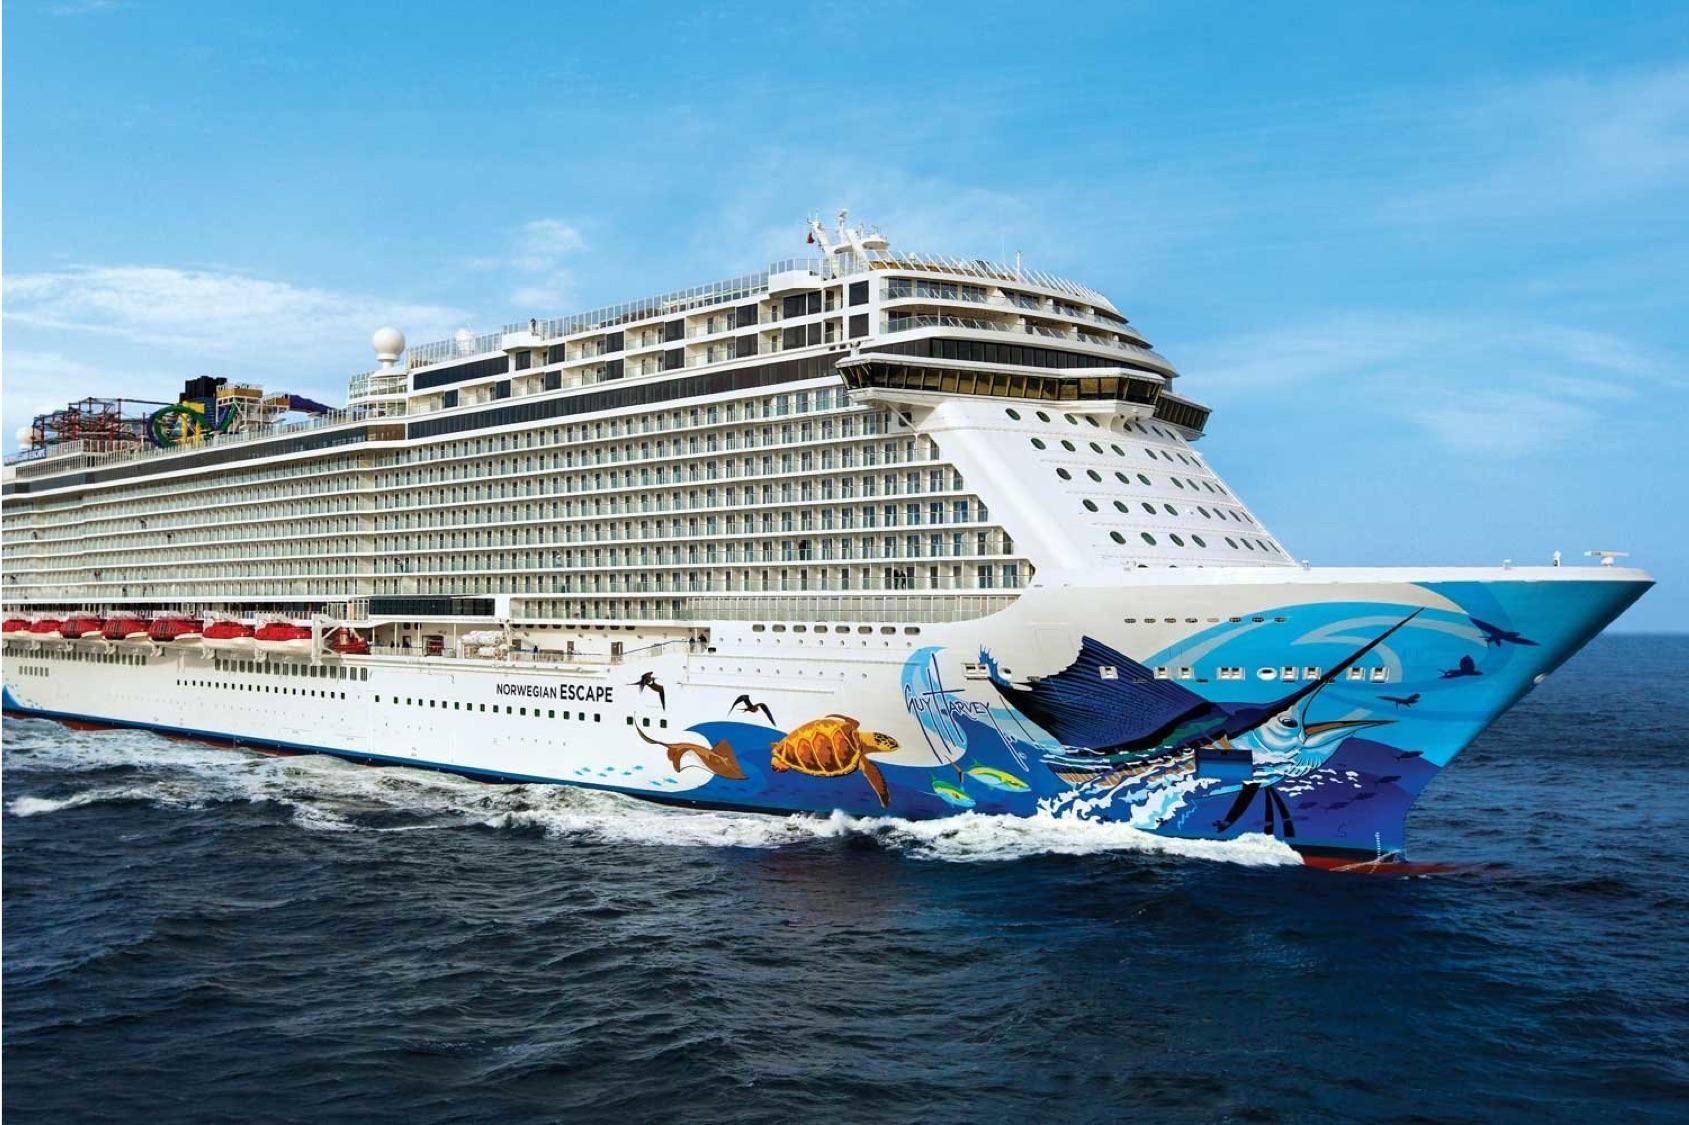 2022年 5/27 北歐豪華遊輪之旅12日 5/31 海上巡遊 At Sea